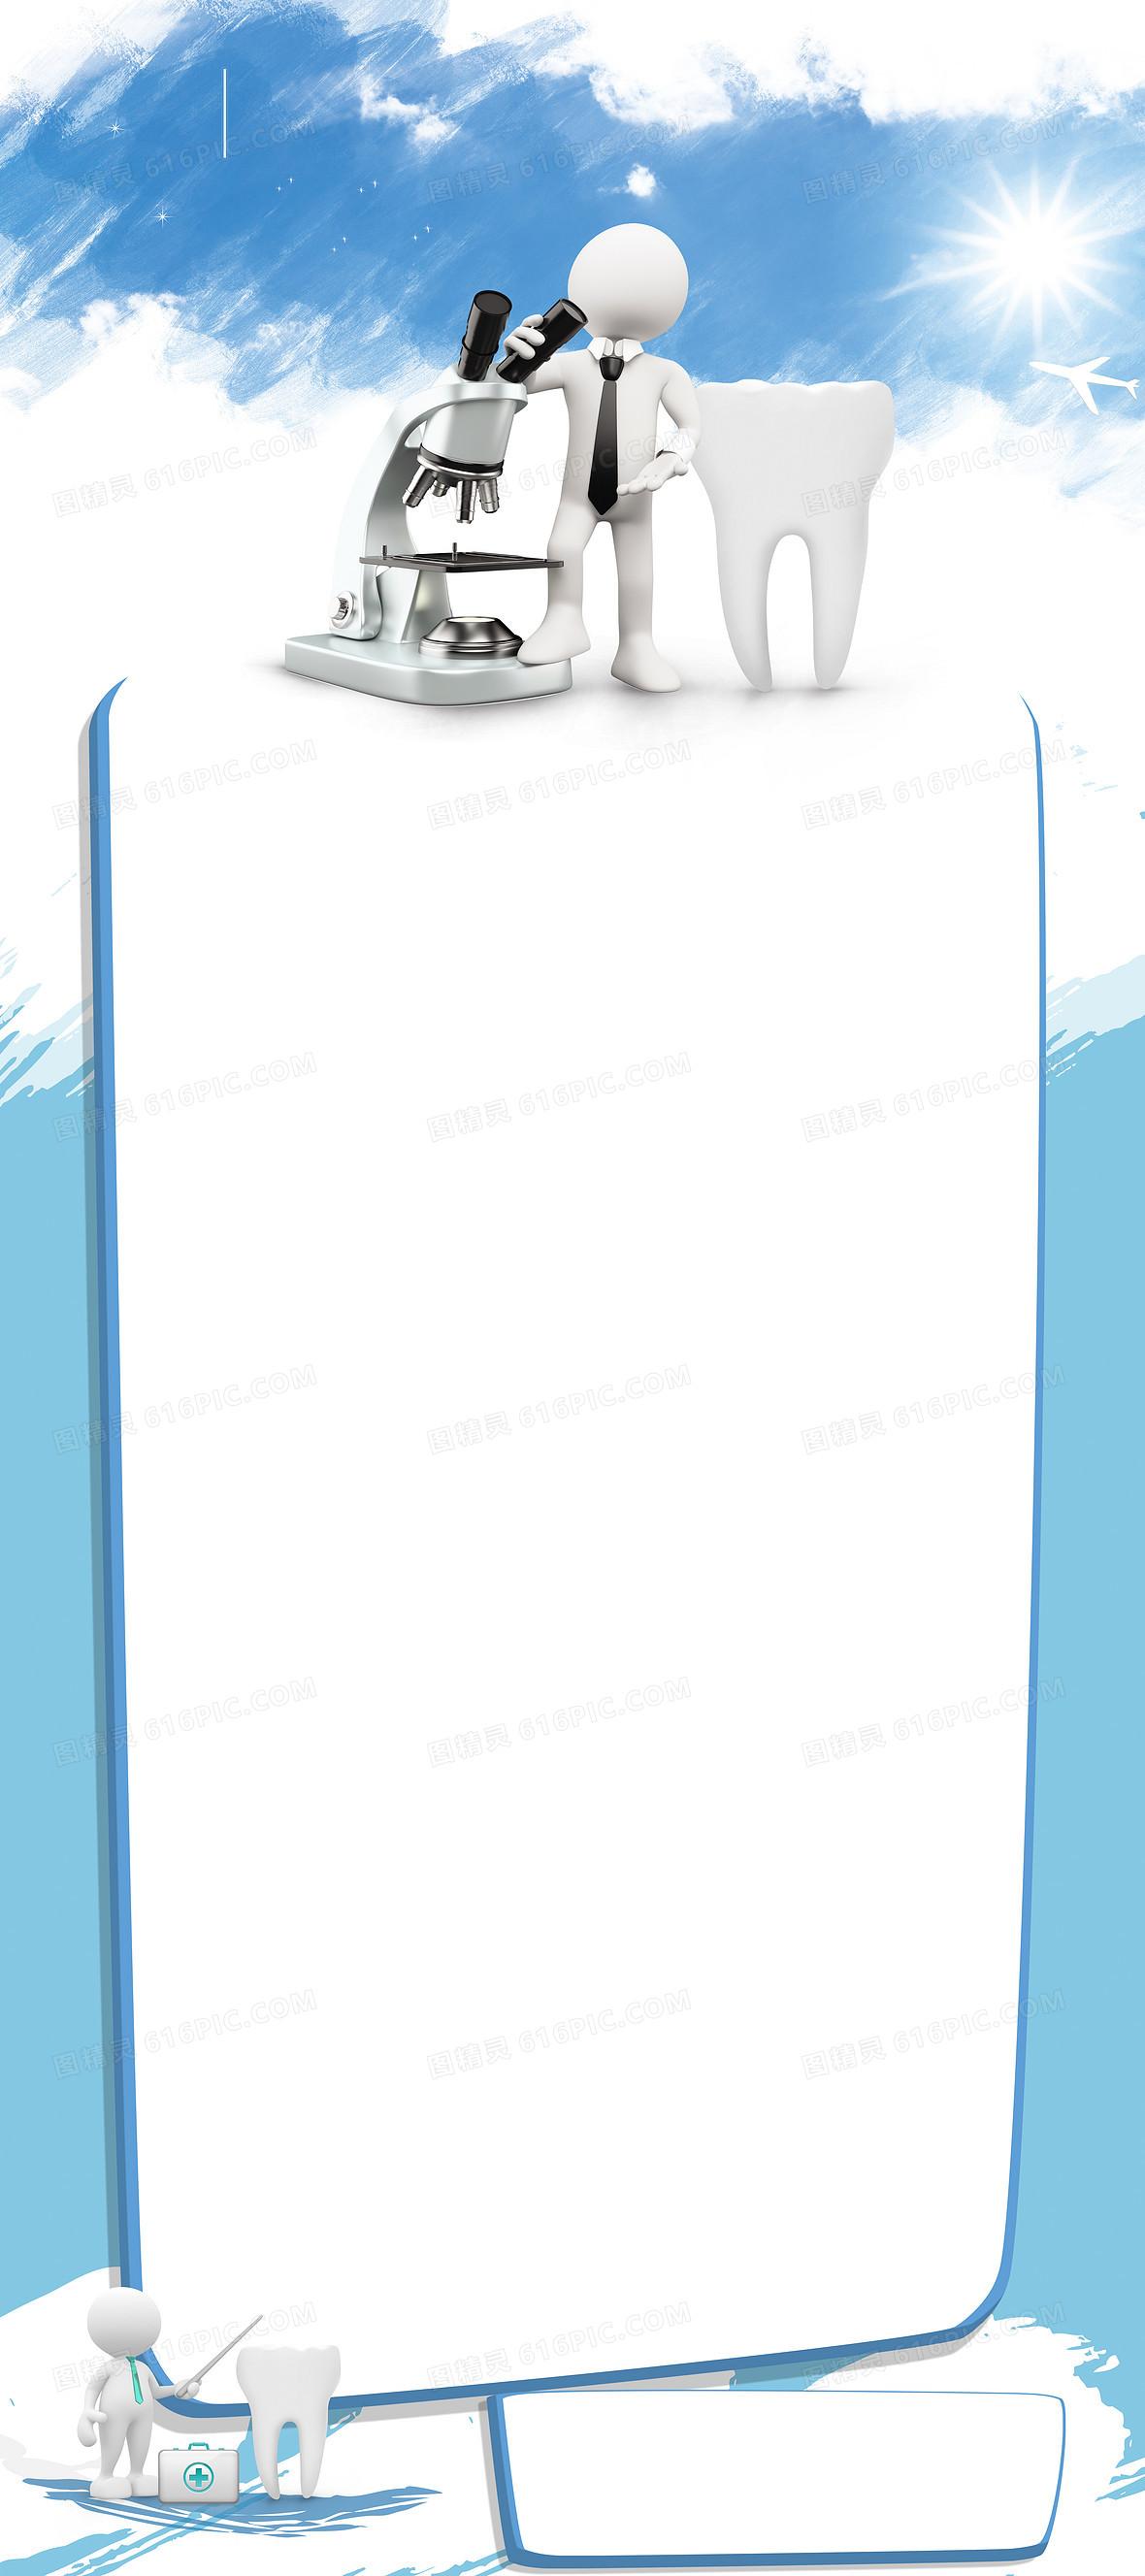 牙科x展架口腔医疗易拉宝背景素材